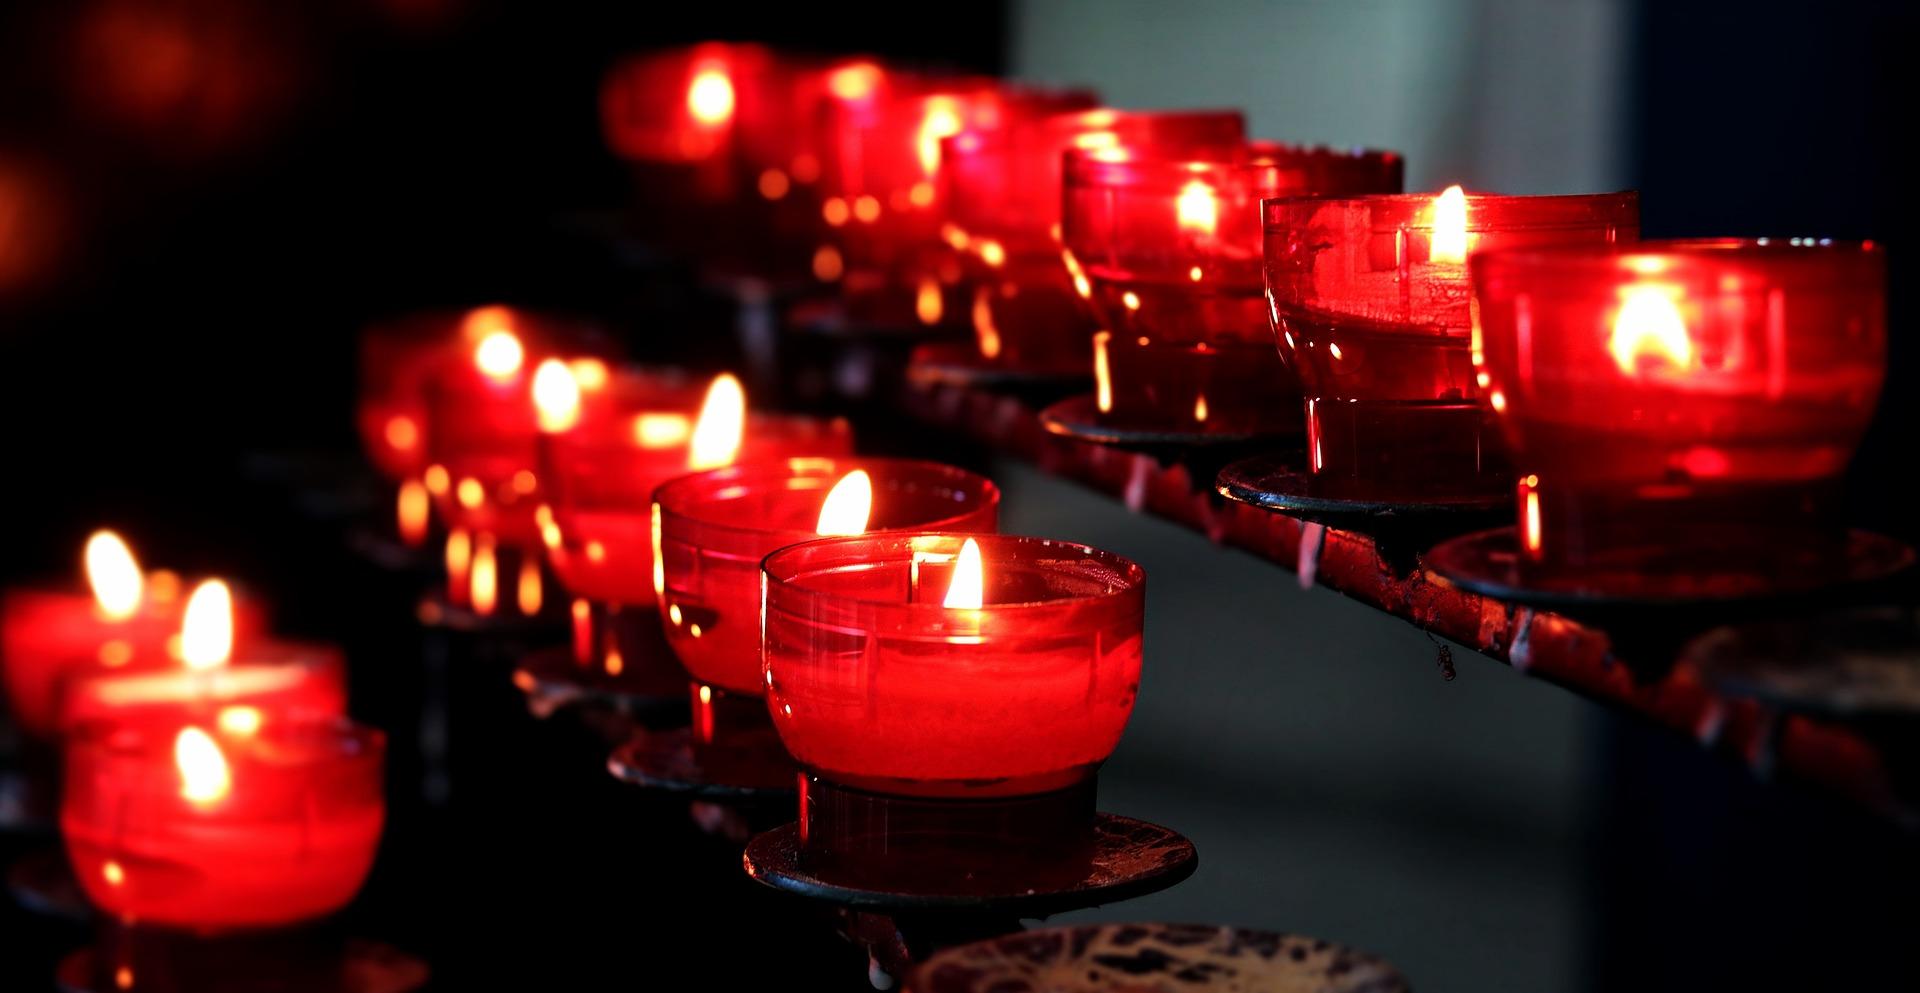 Mehrere Rheine von Kerzen